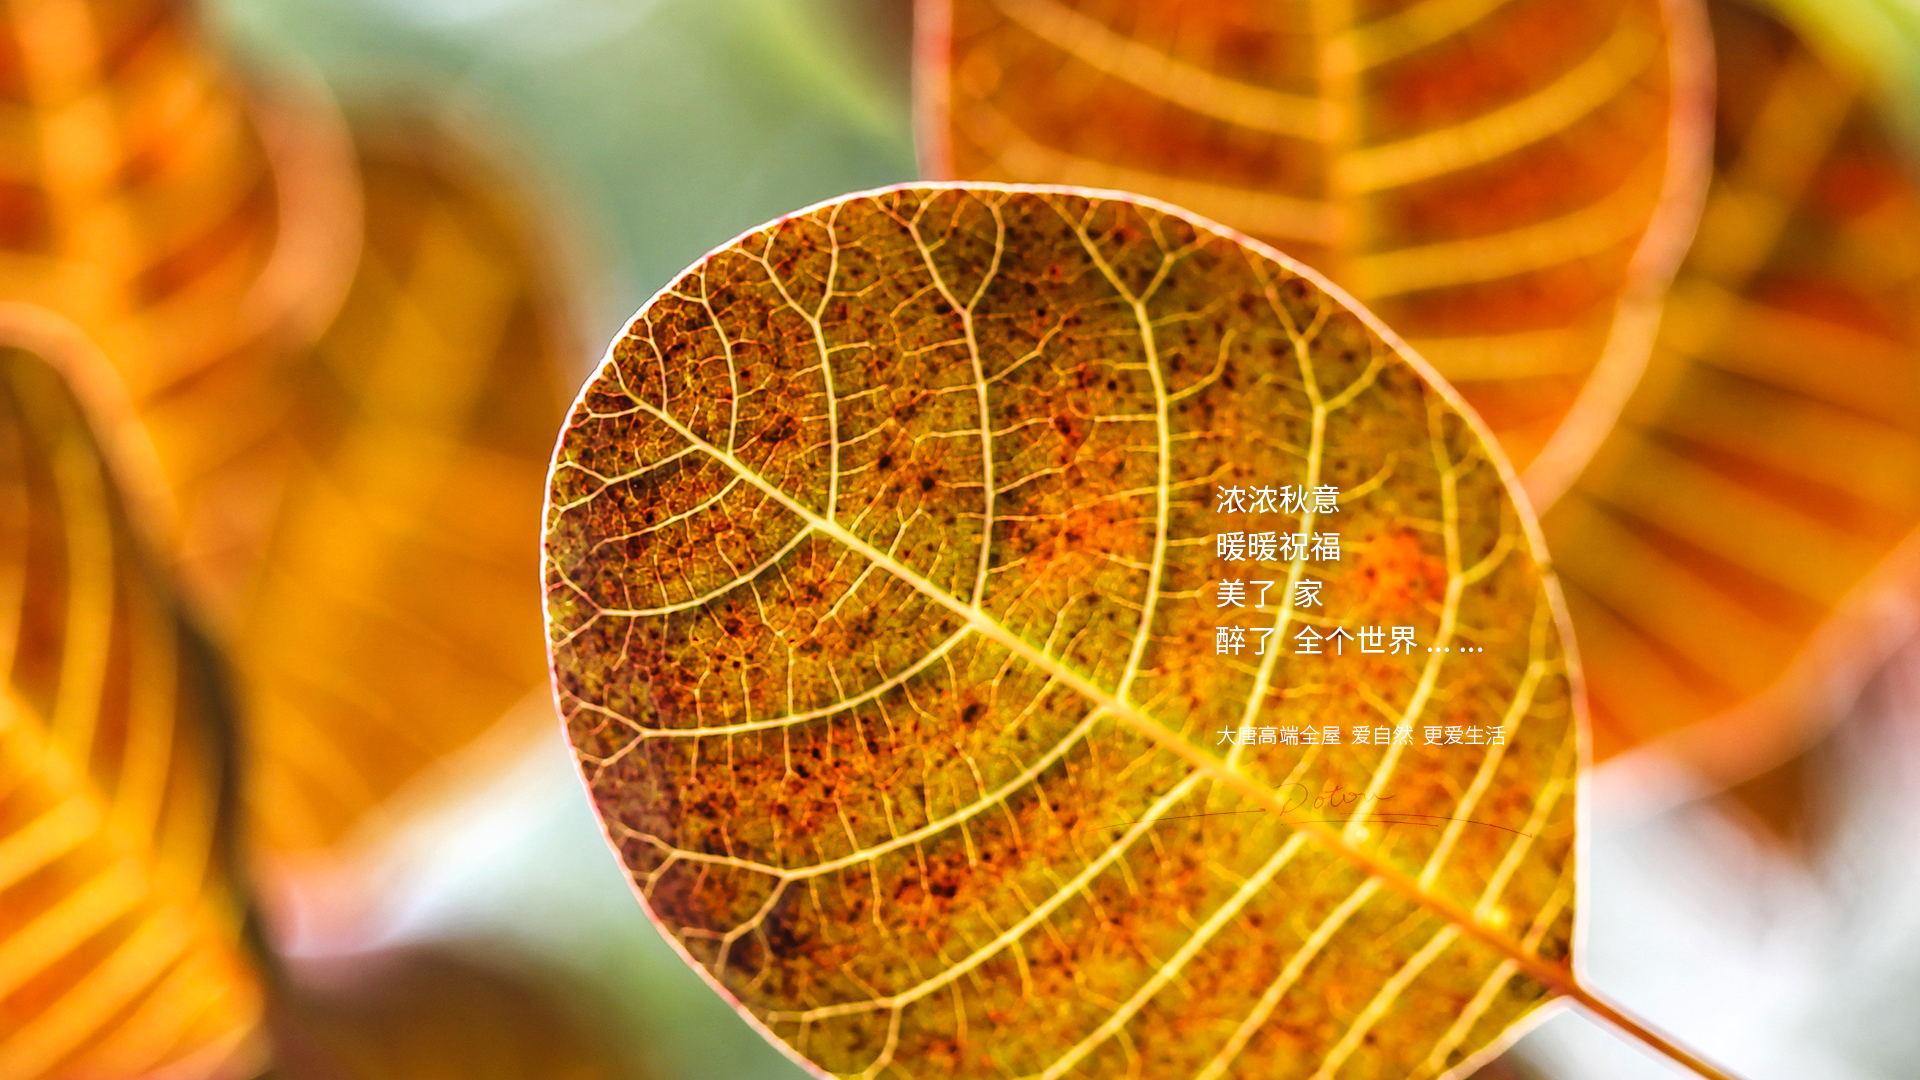 濃濃秋意暖暖祝福